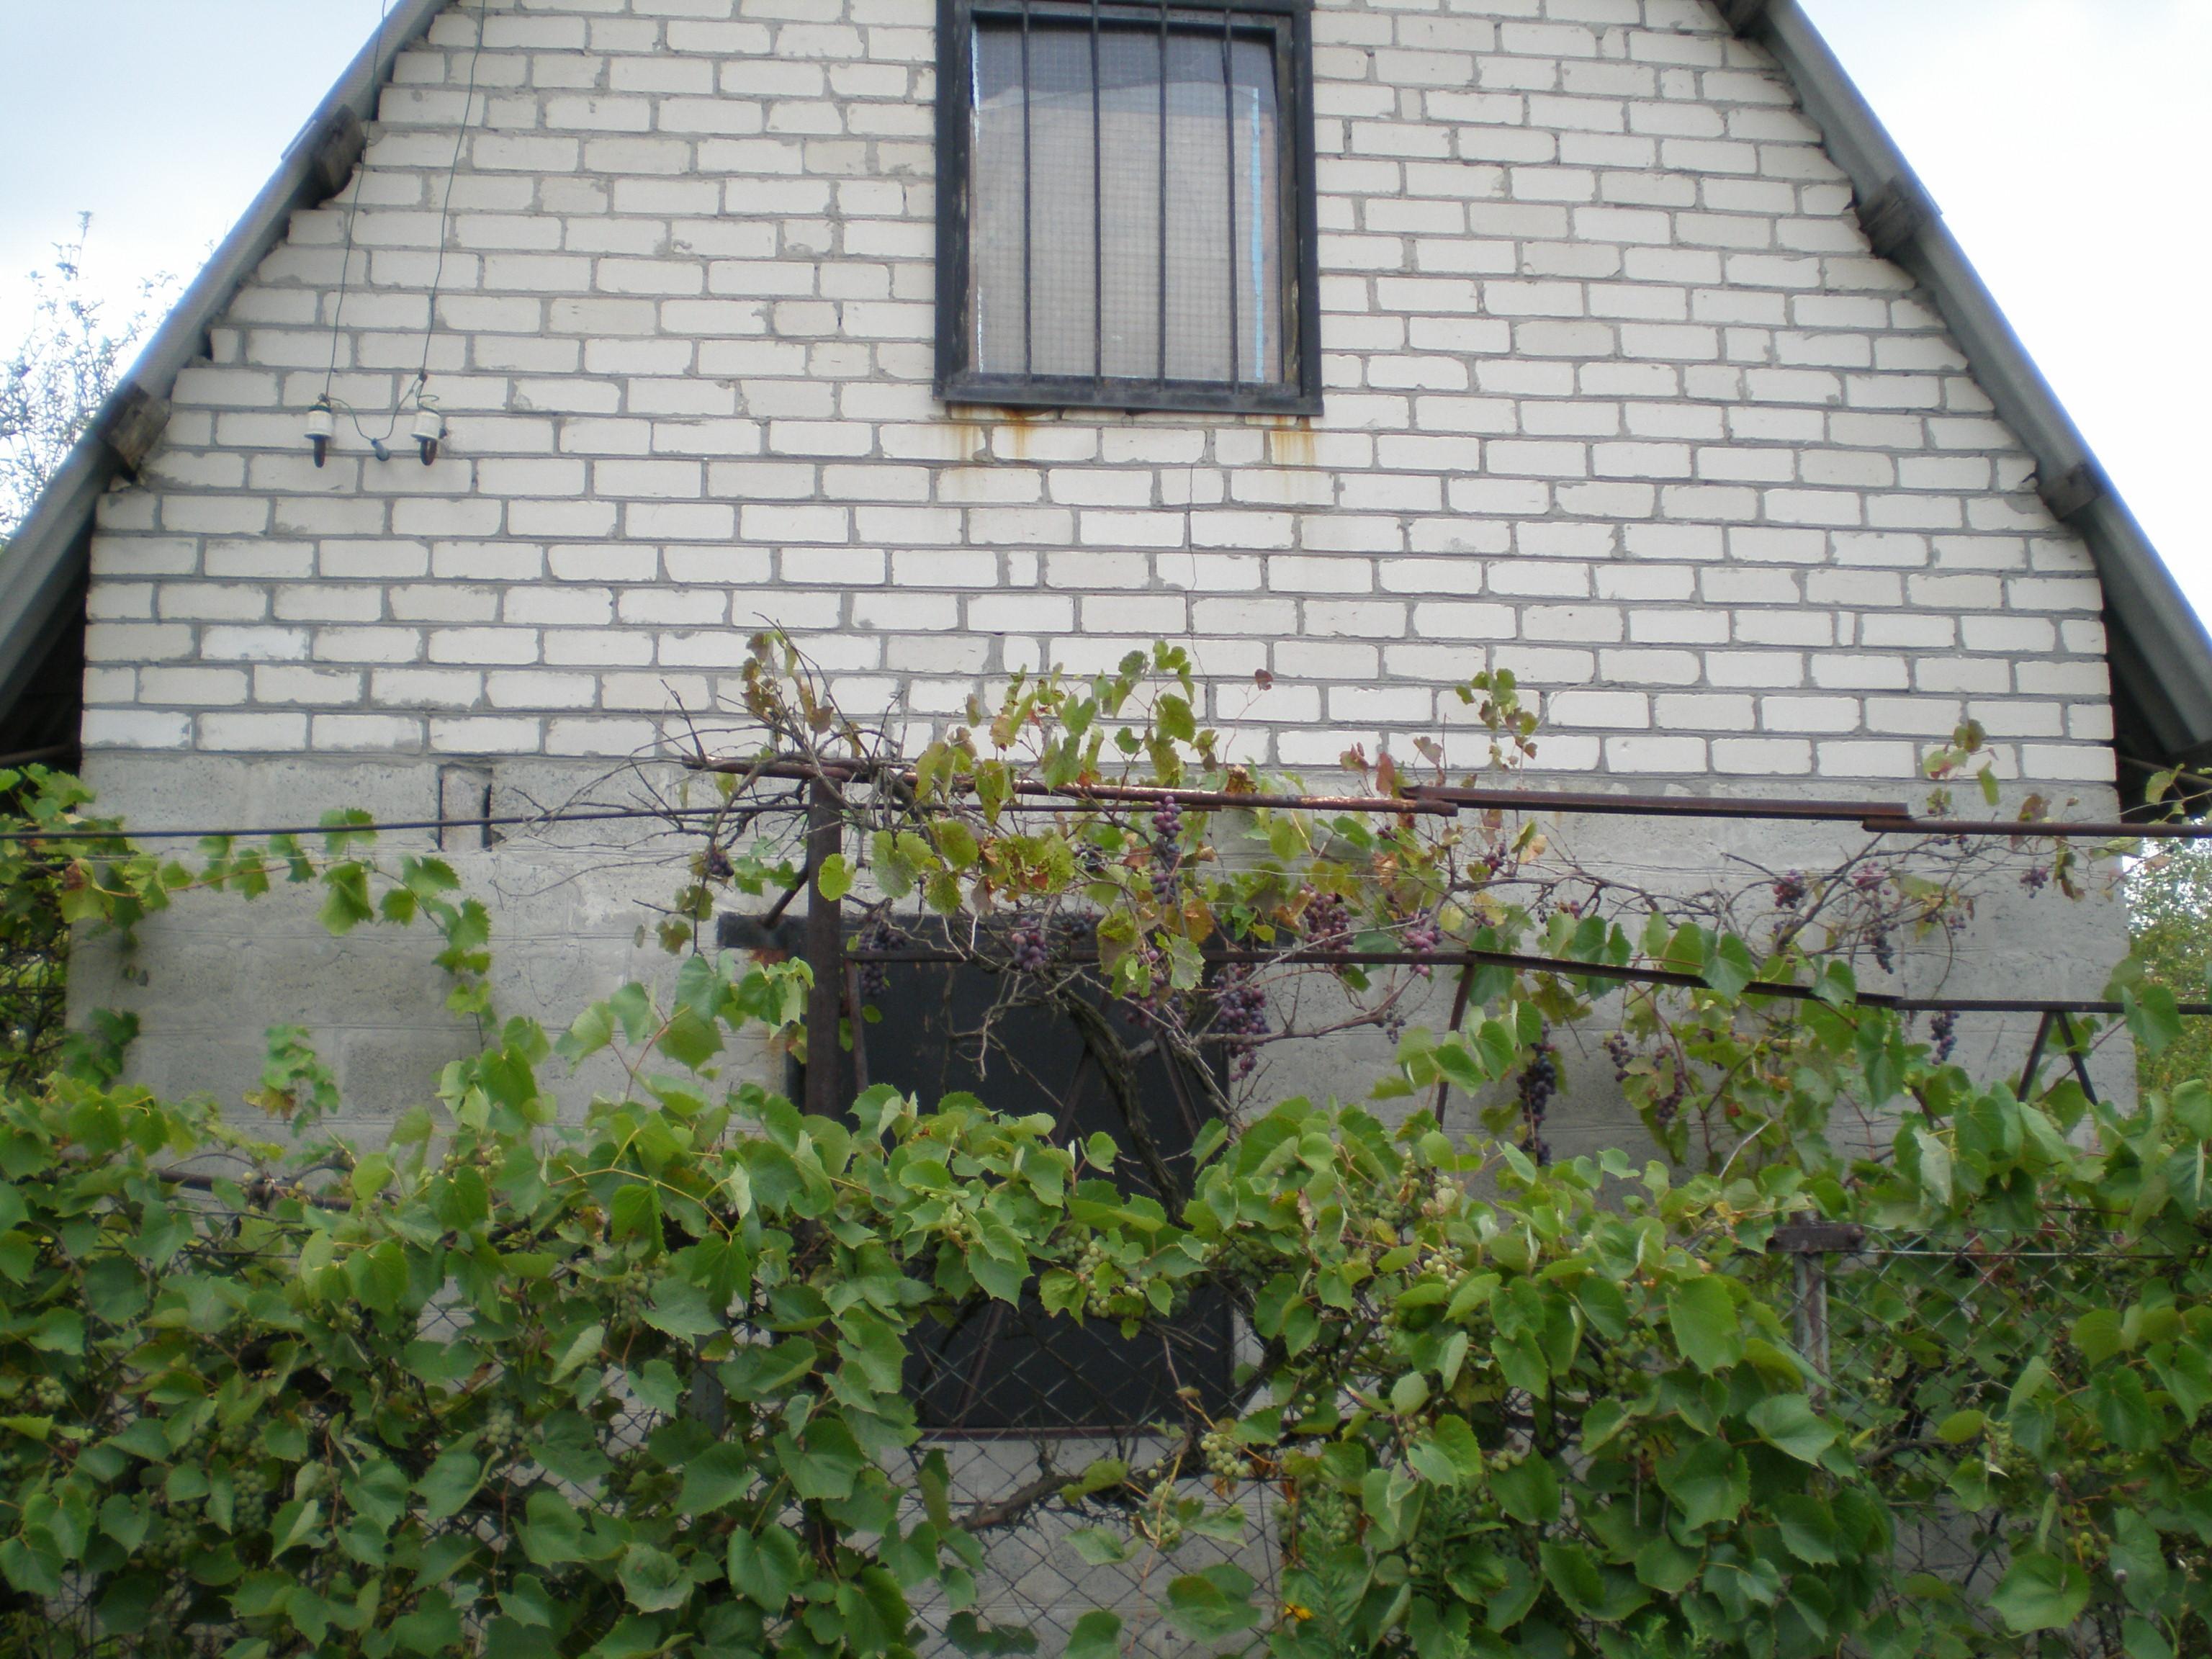 Продам дом ДК Шинник 4, Жовтневый р-н, Днепр (Днепропетровск), Лоцманская Каменка